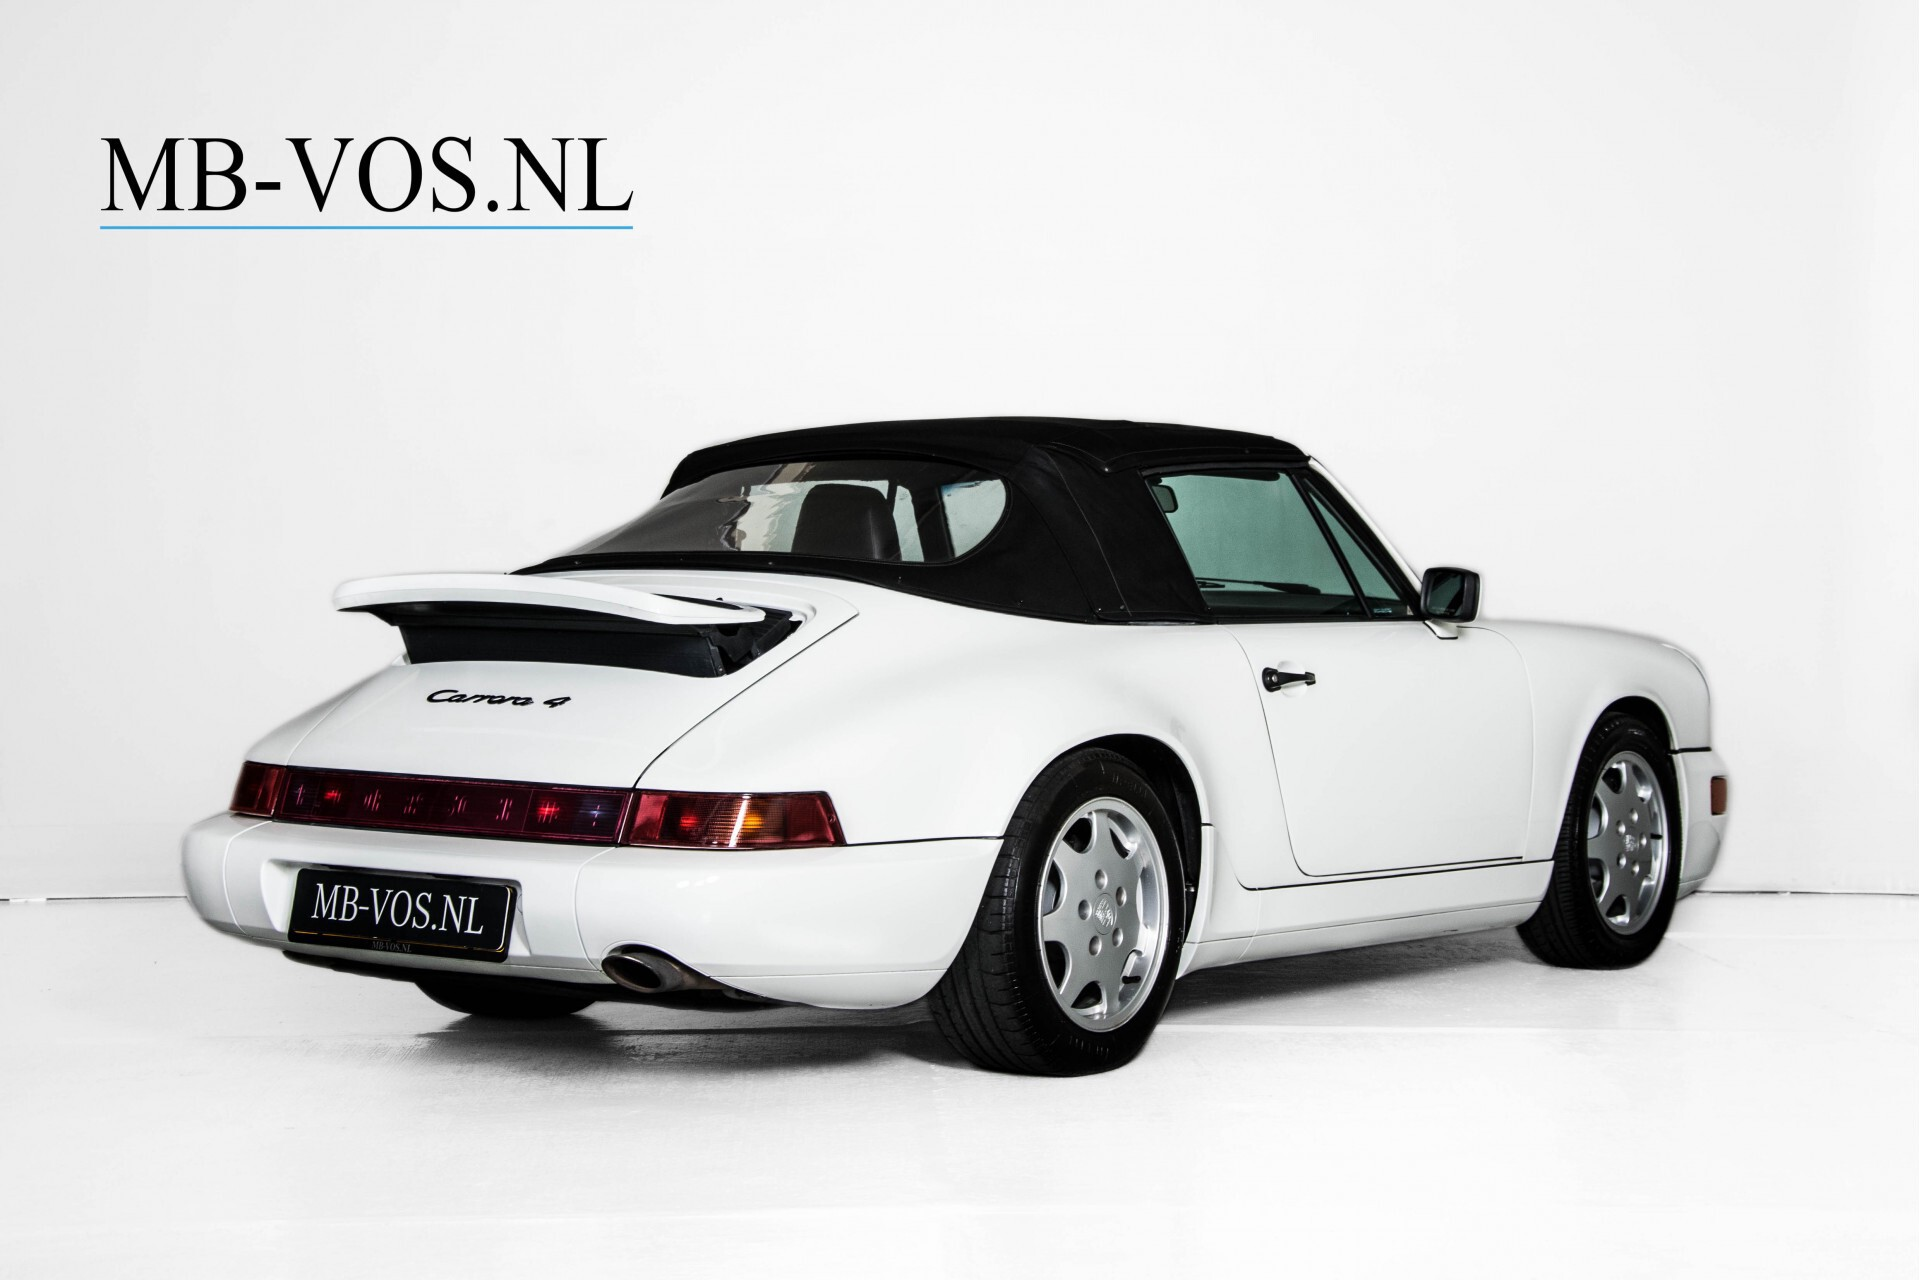 Porsche 911 Cabrio 964 3.6 Carrera 4 Gerestaureerd/Gedocumenteerd/Incl. BTW Foto 4